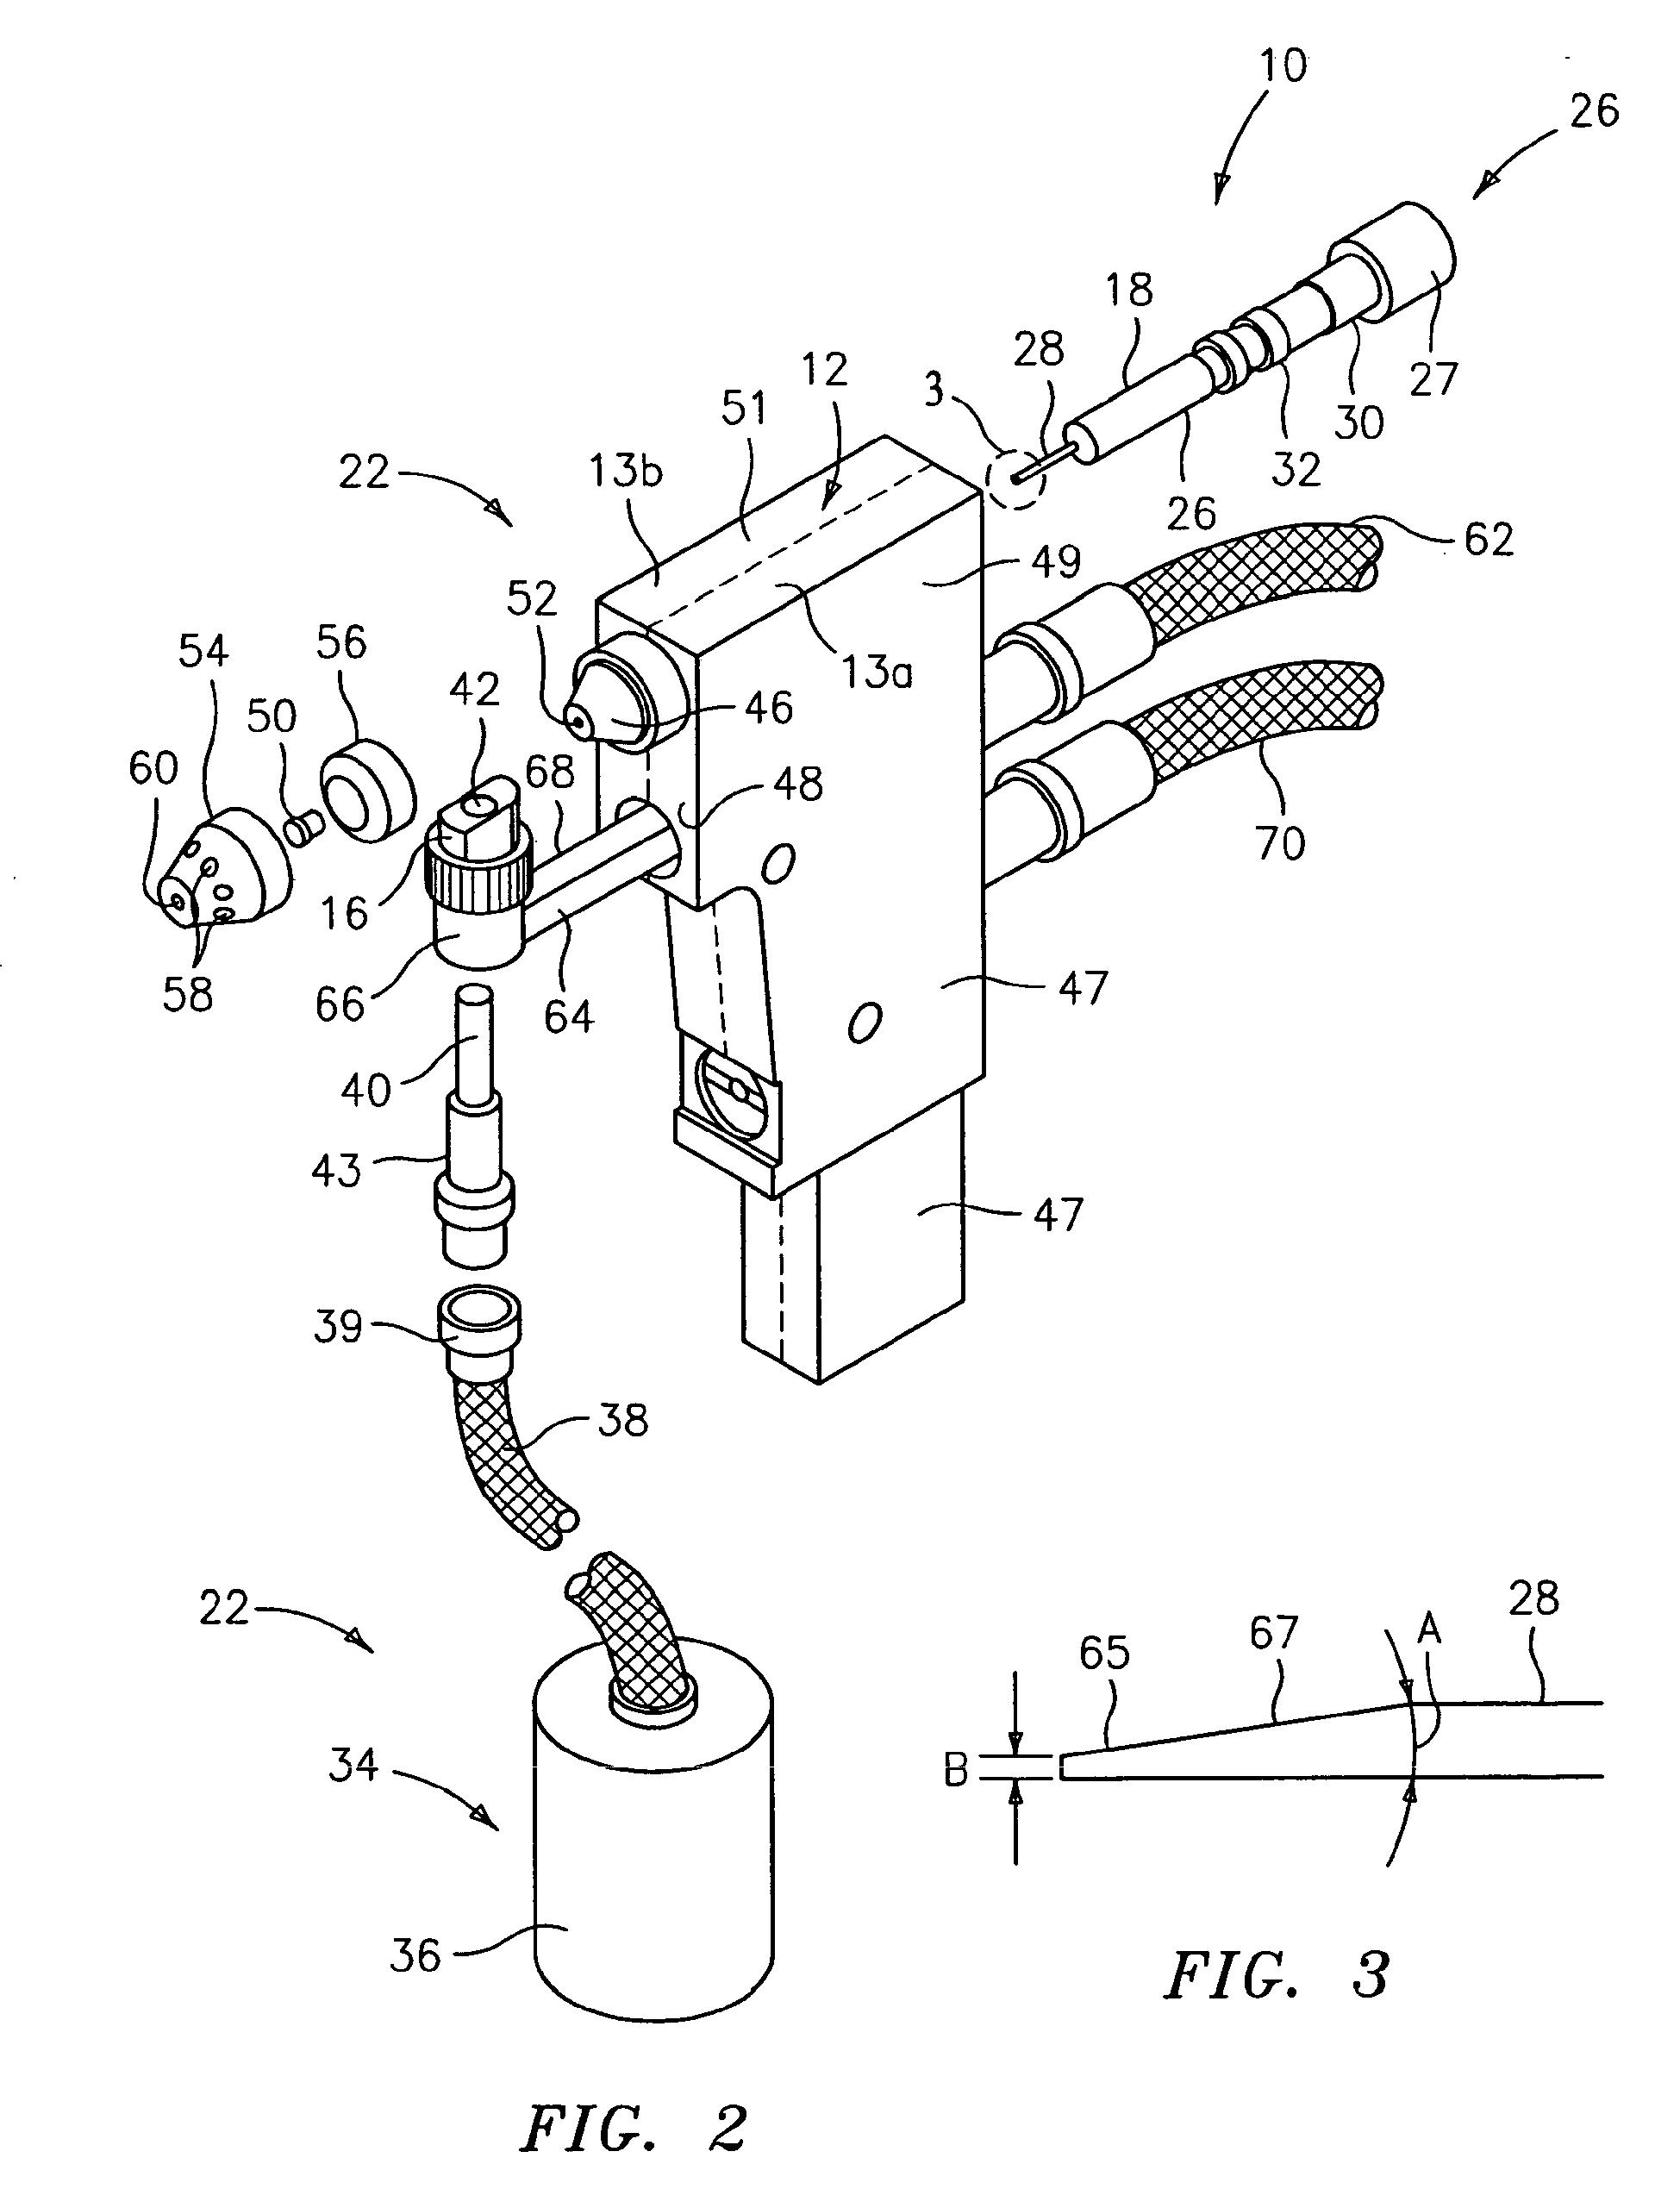 专利ep1652952a1 - methods